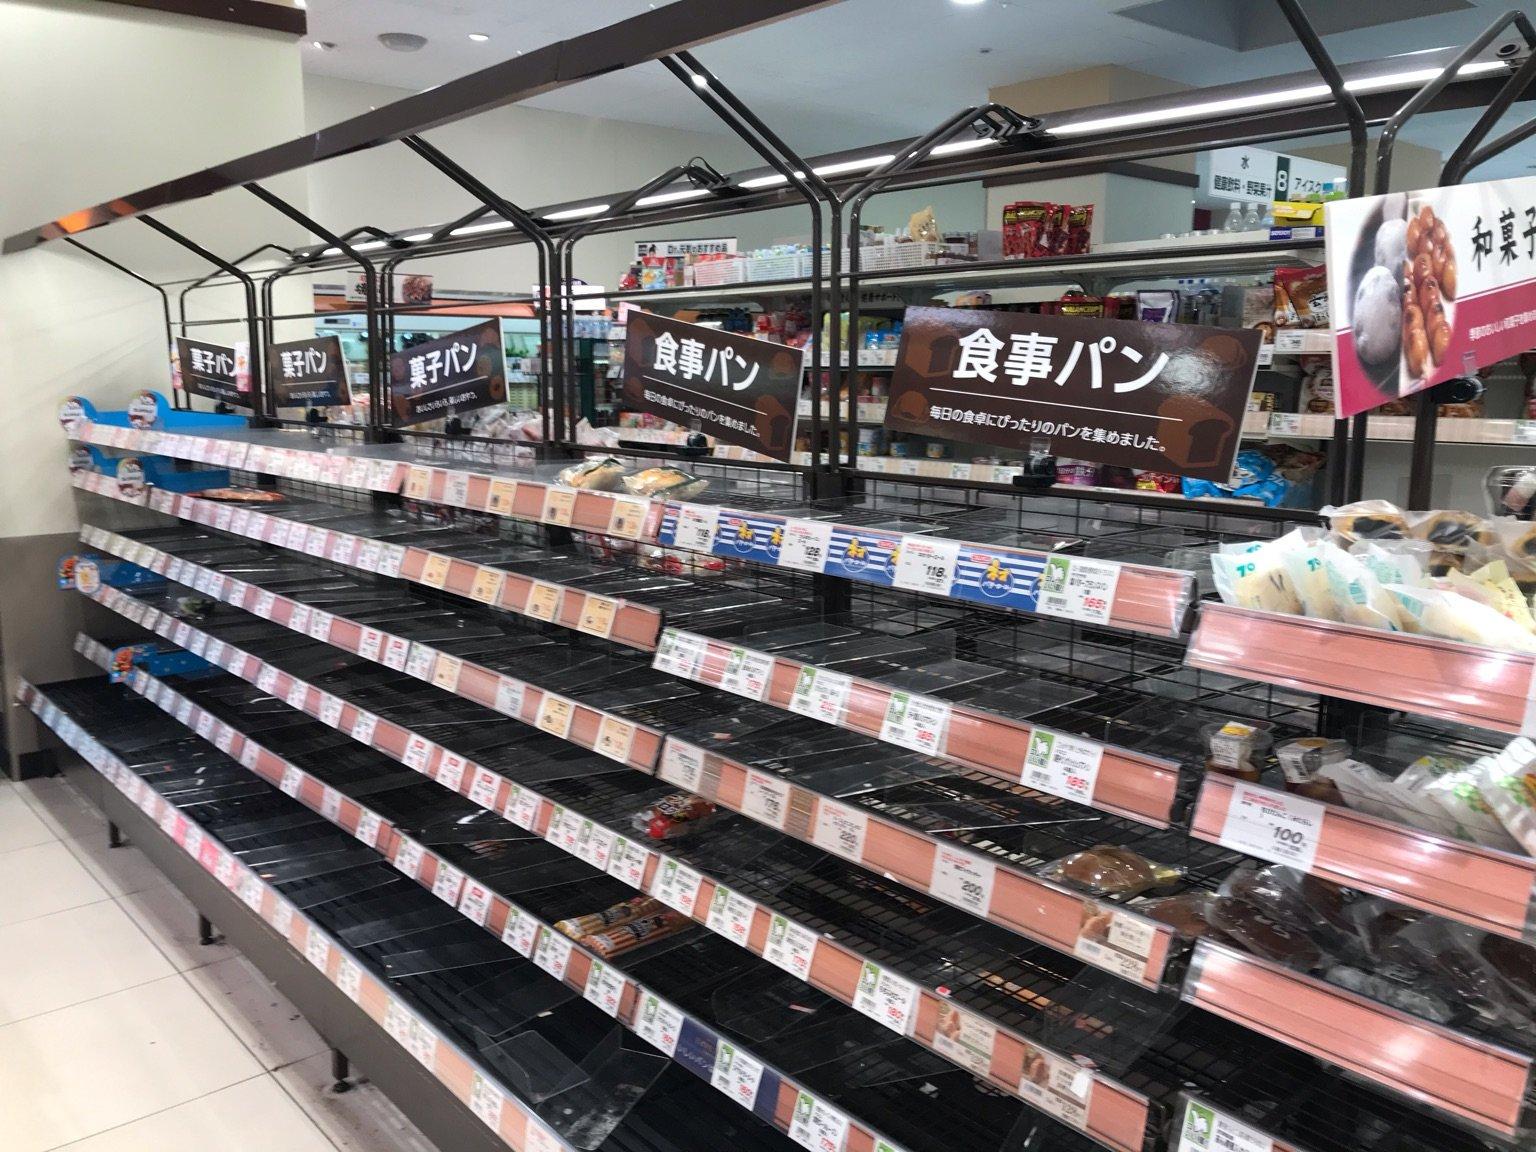 25日,日本東京確診人數跳漲2倍,當晚東京宣布進入疫情重要關頭,呼籲都民週末禁足在家。第二天東京以及周邊城市的超市被「洗劫一空」。圖為東京品川區一超市。(張本真/大紀元)